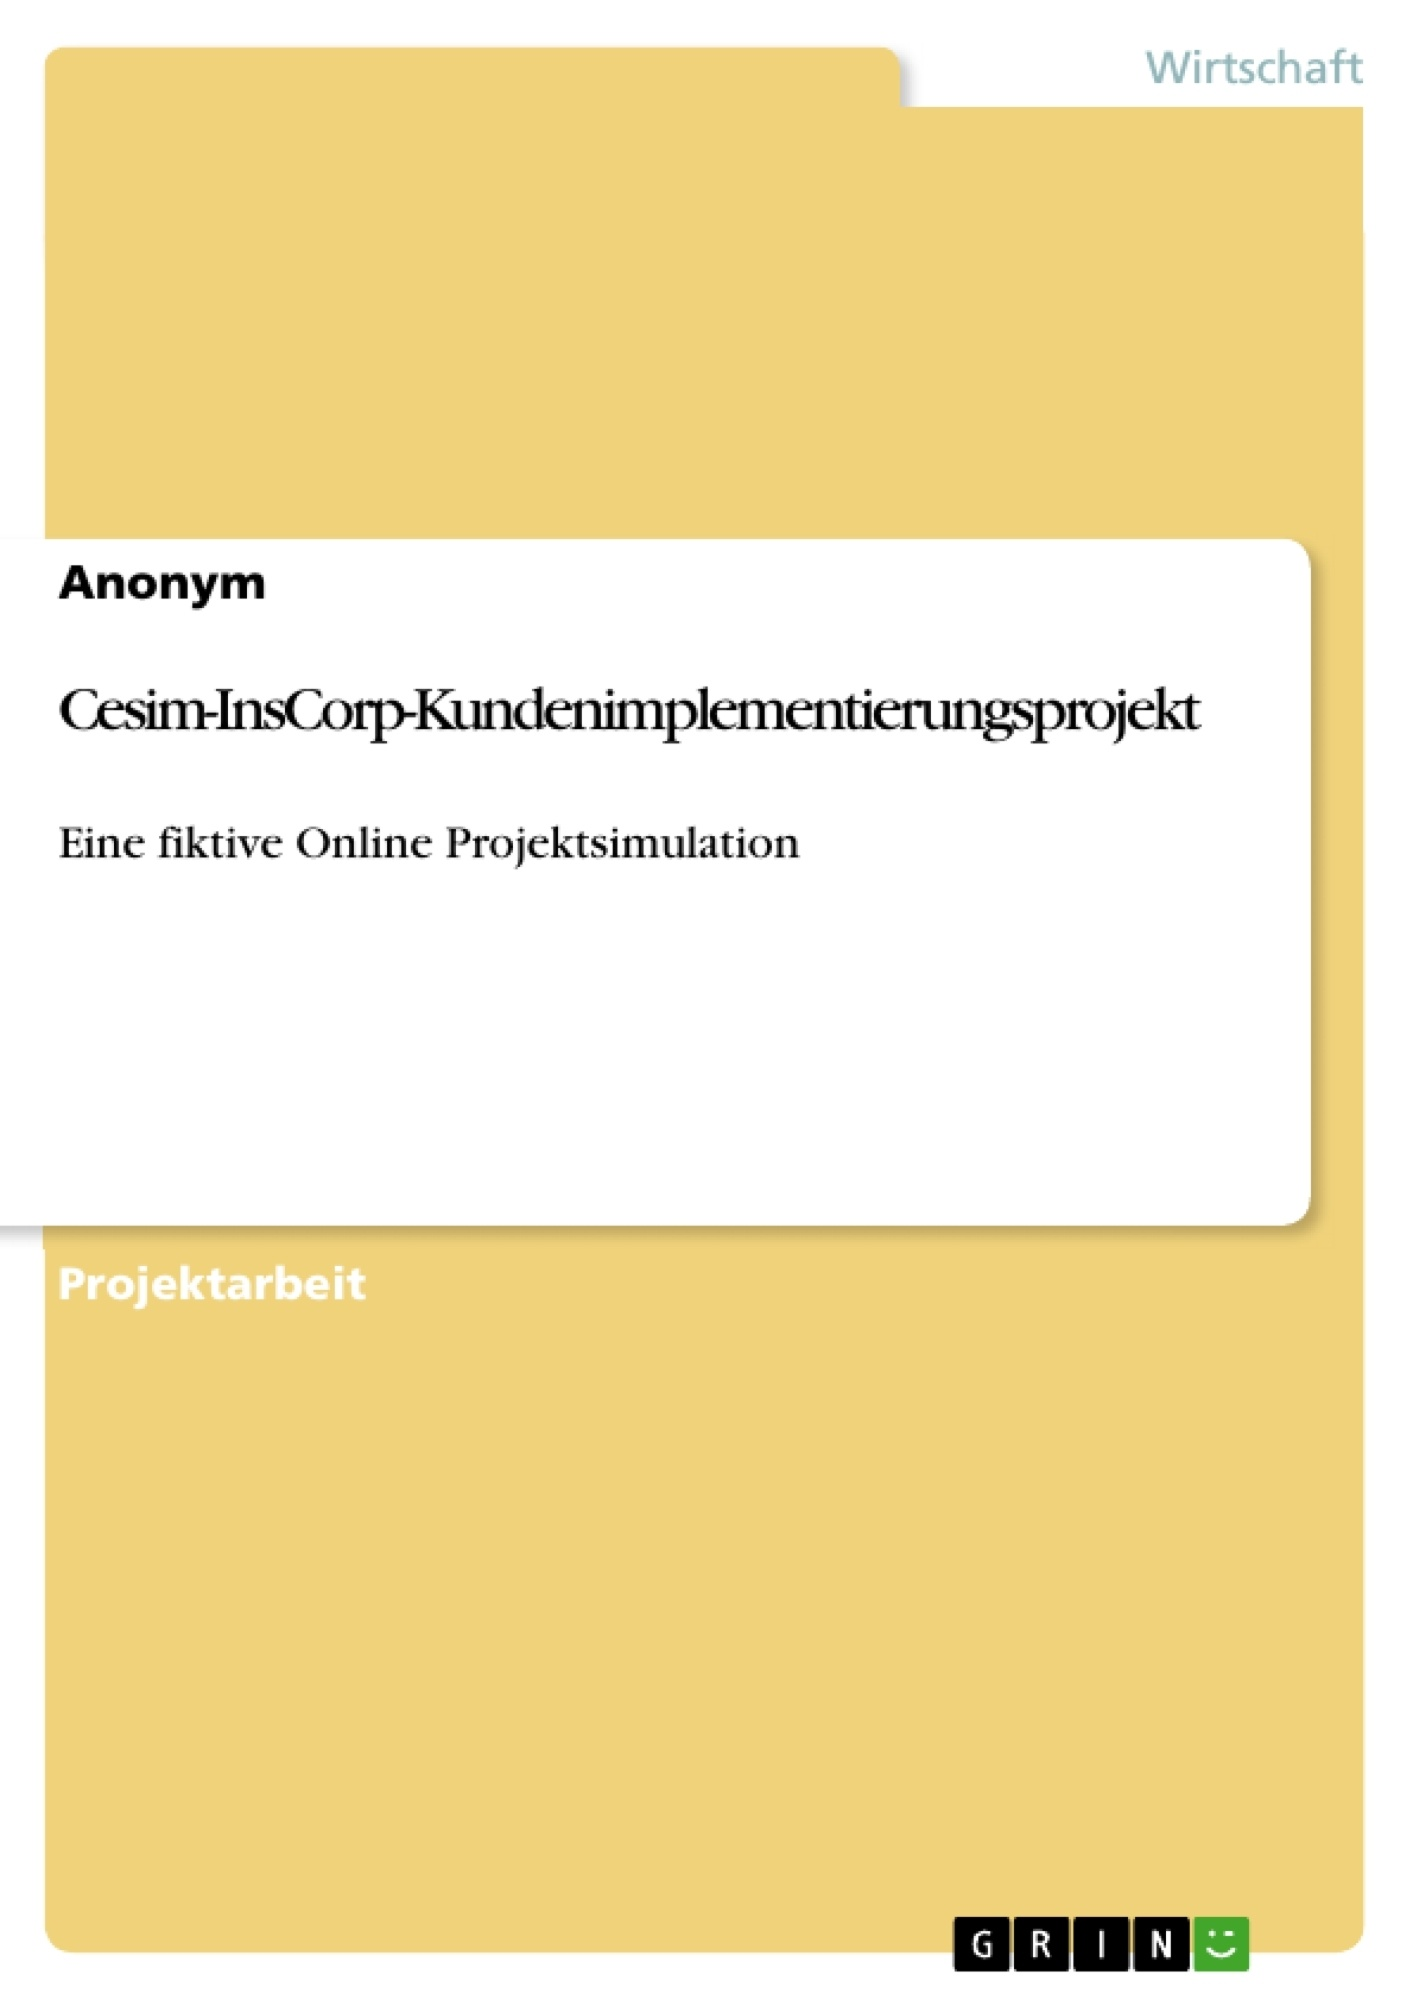 Titel: Cesim-InsCorp-Kundenimplementierungsprojekt